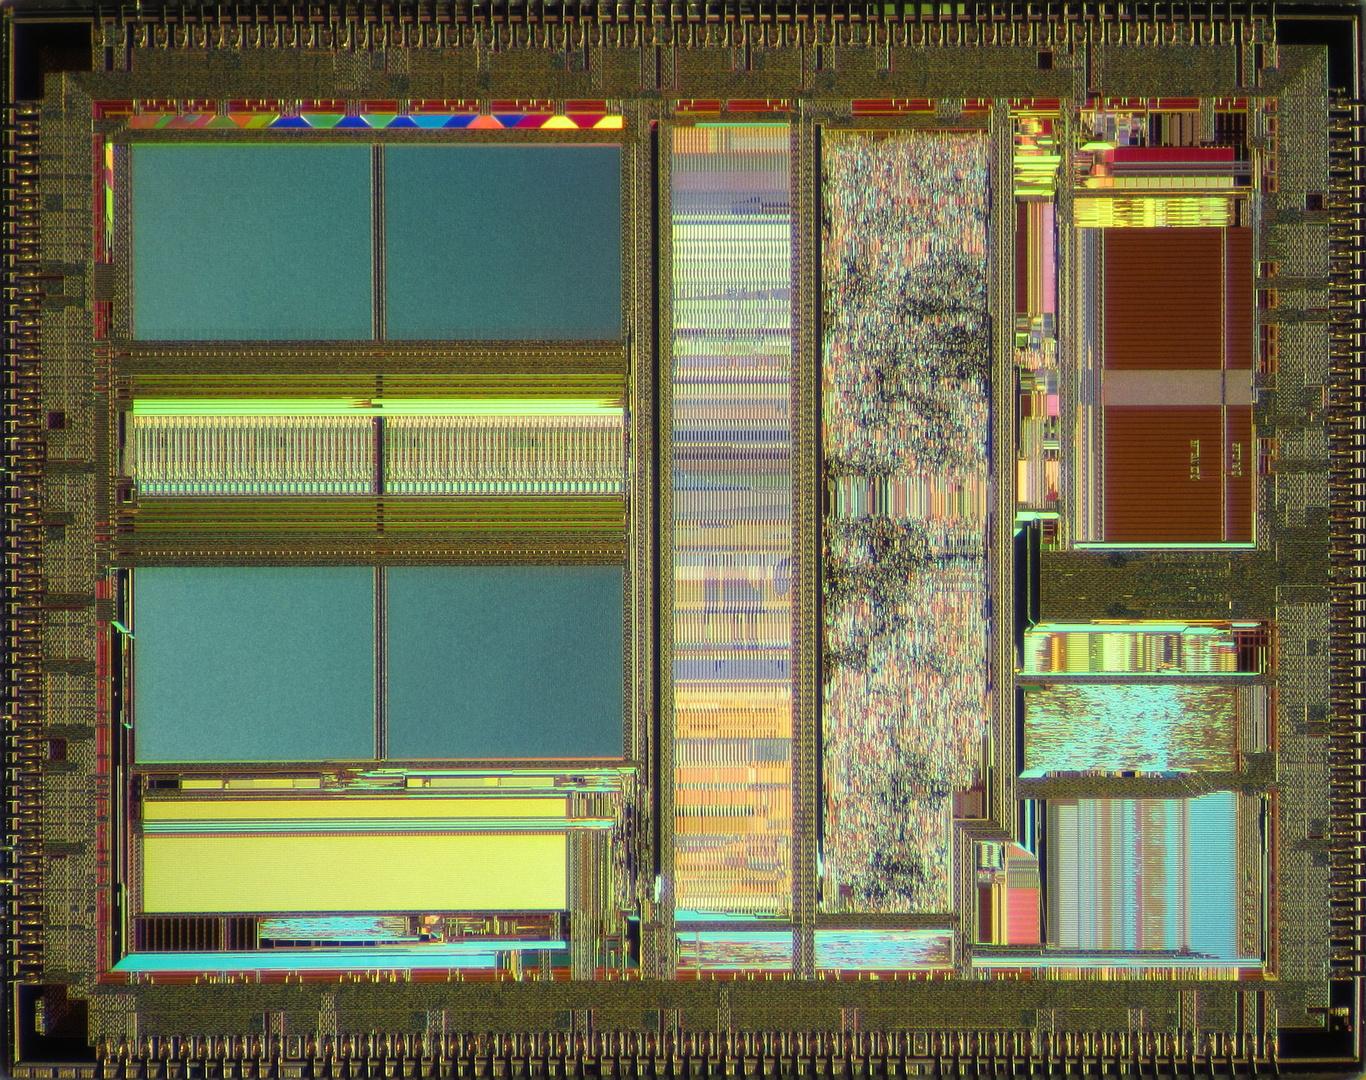 Am5x86-P75 mit 133 MHz